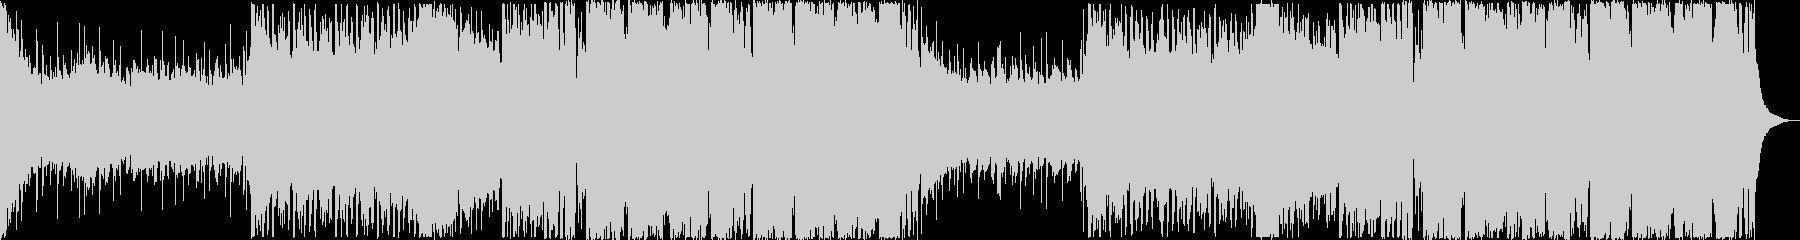 スピード感のあるキャッチーなEDMの未再生の波形